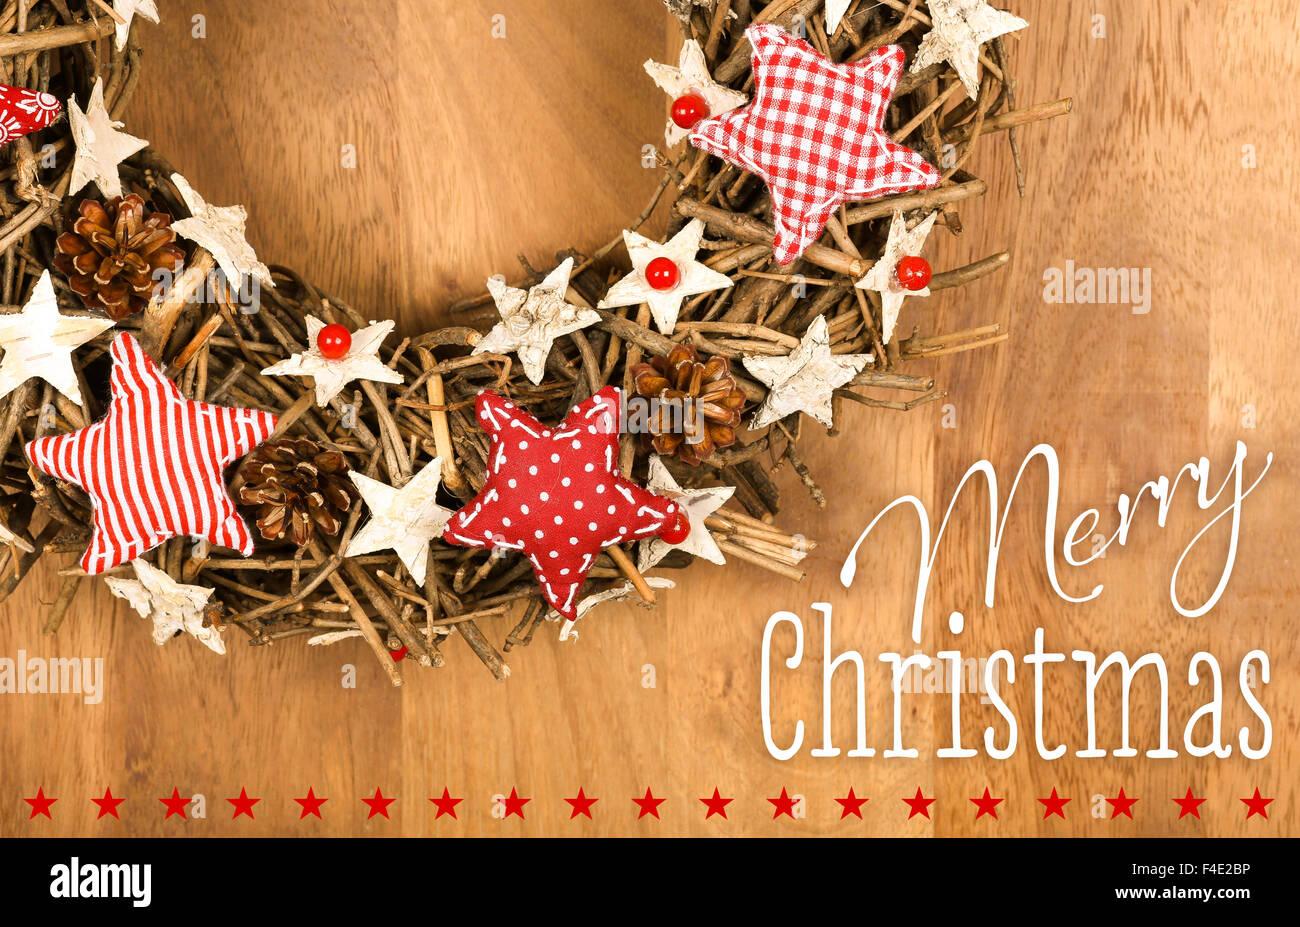 Buon Natale Shabby Chic.Buon Natale Messaggio Ghirlanda Fatta A Mano Decorazione Shabby Chic In Legno Bianco Stelle Con Rosso Gingham Tessuto Pattern Su B In Legno Foto Stock Alamy